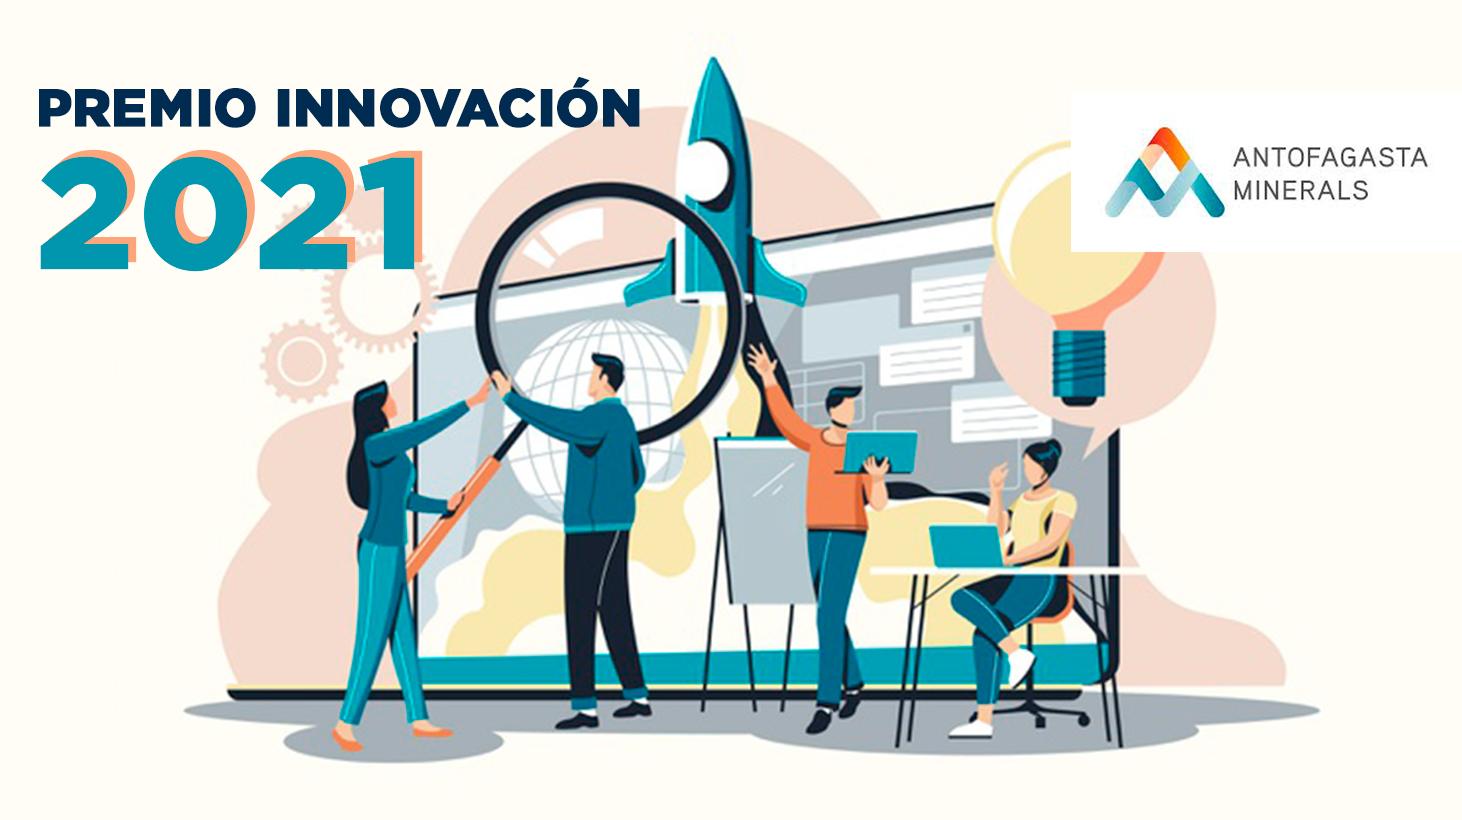 Nominación Premio Innovación Antofagasta Minerals 2021.